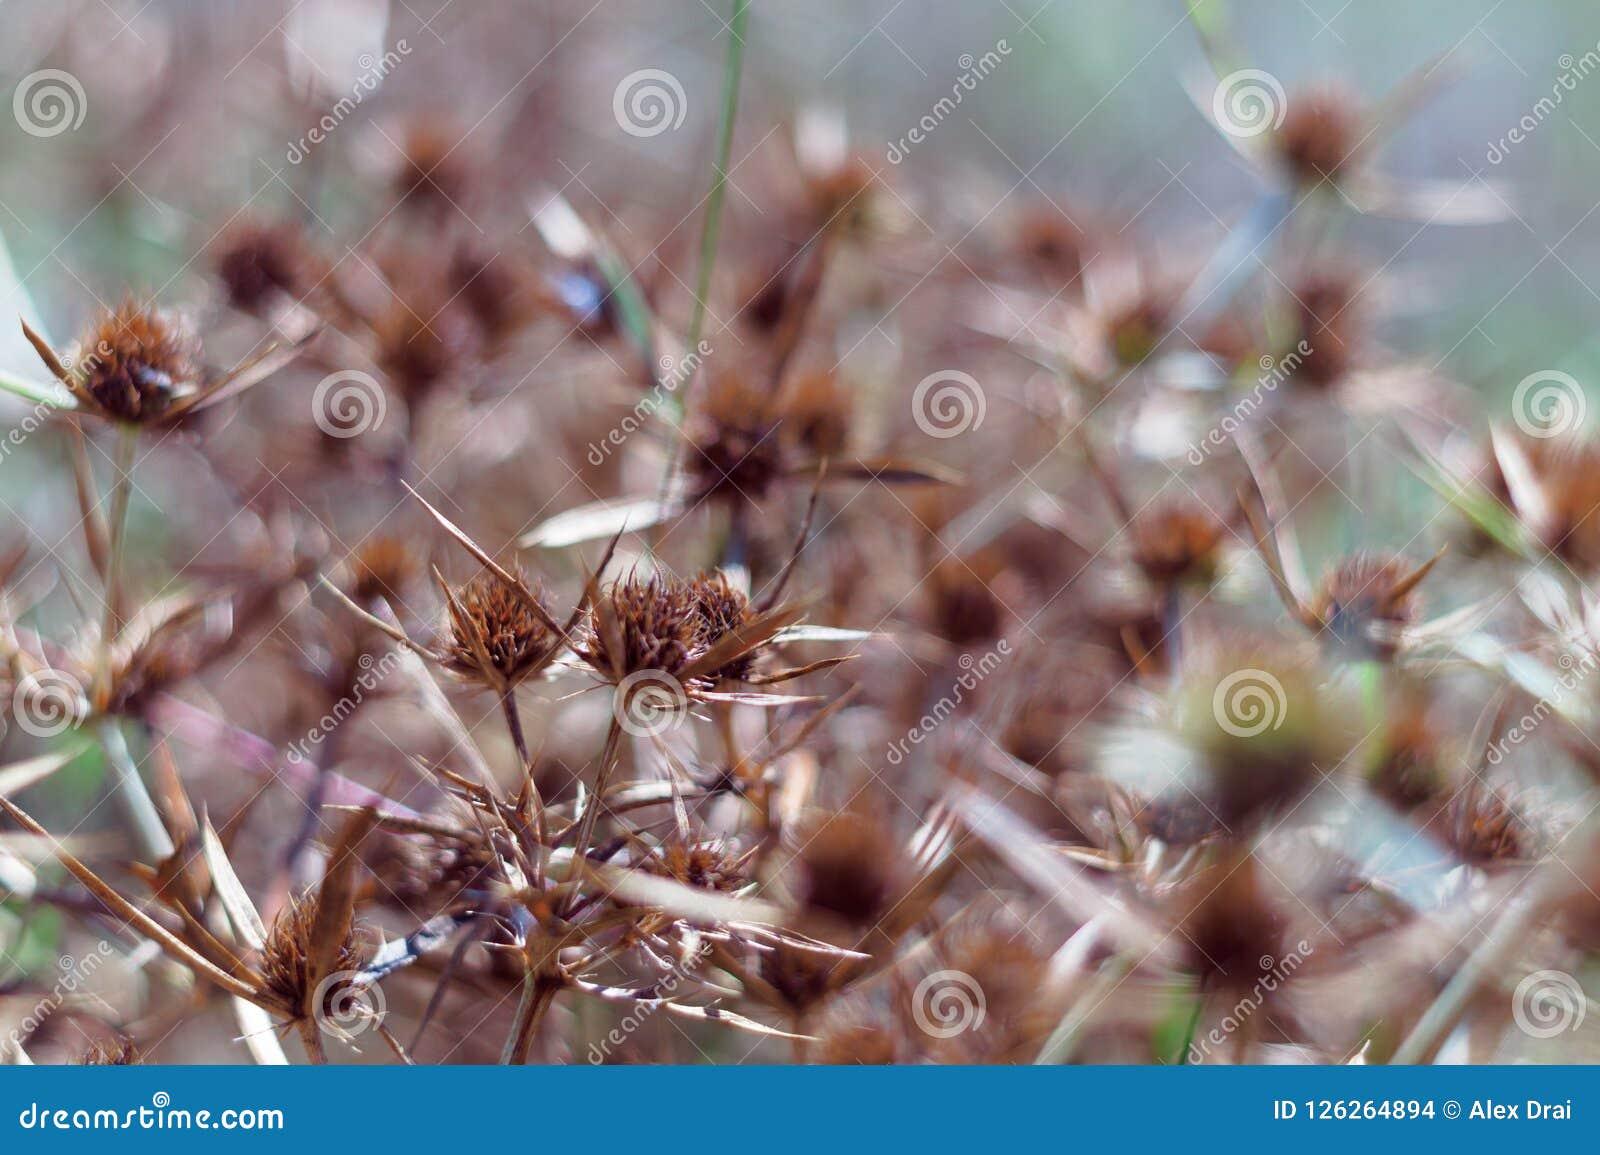 Fiori asciutti di una blu-testa nel campo Il colore arancio intenso dell inflorescenza indica la maturità dei semi fine